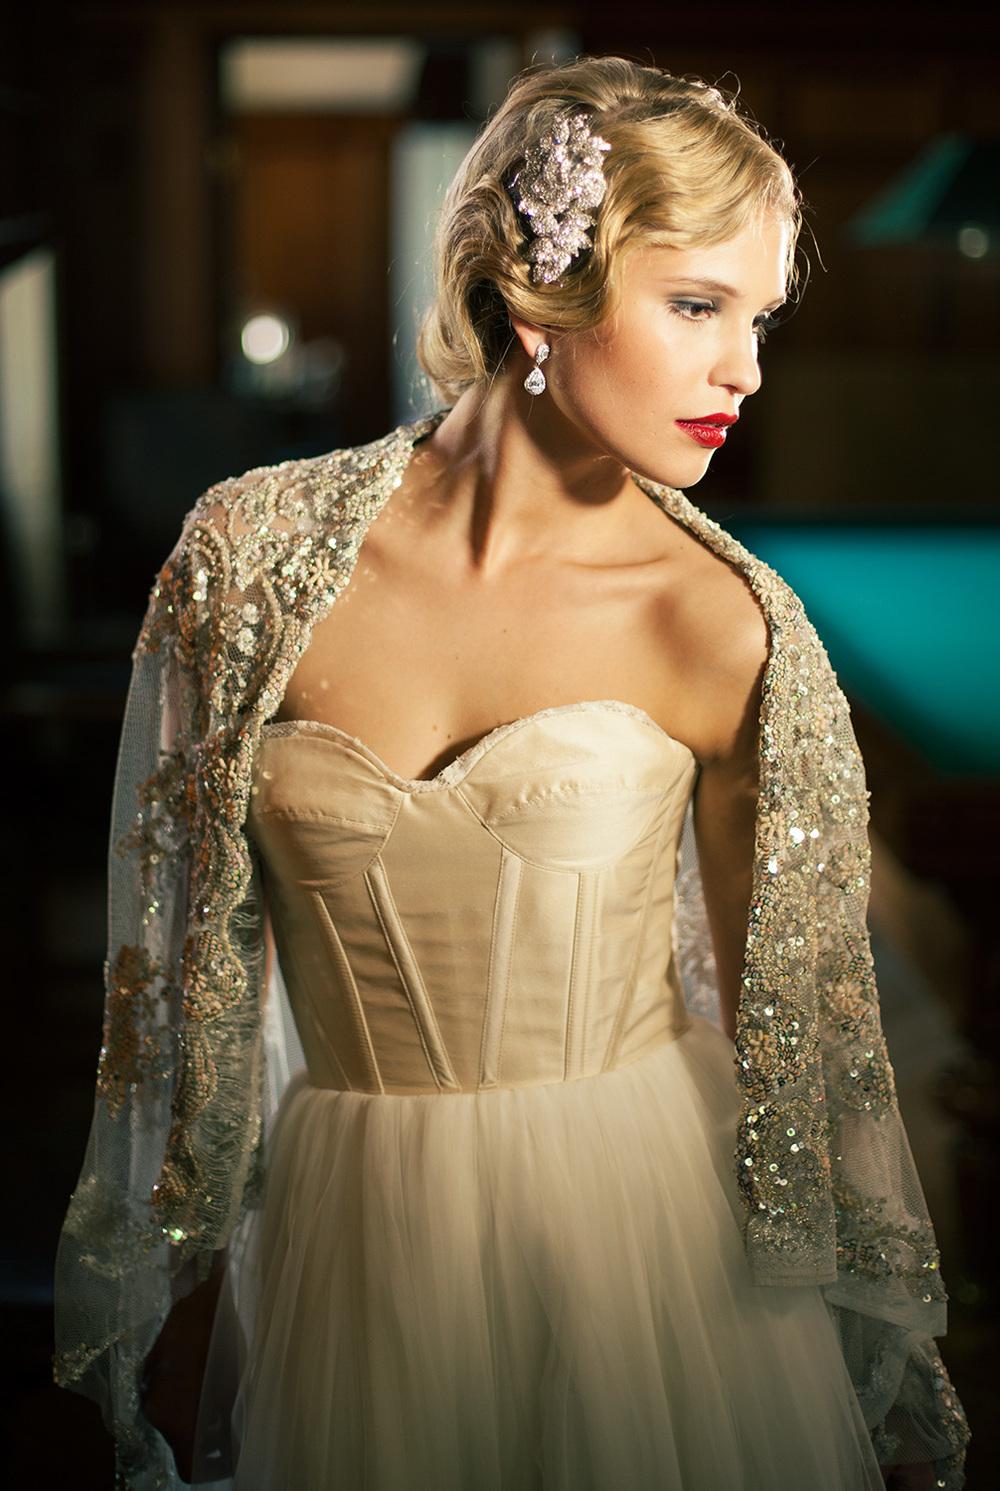 fashion_felicia_2.jpg